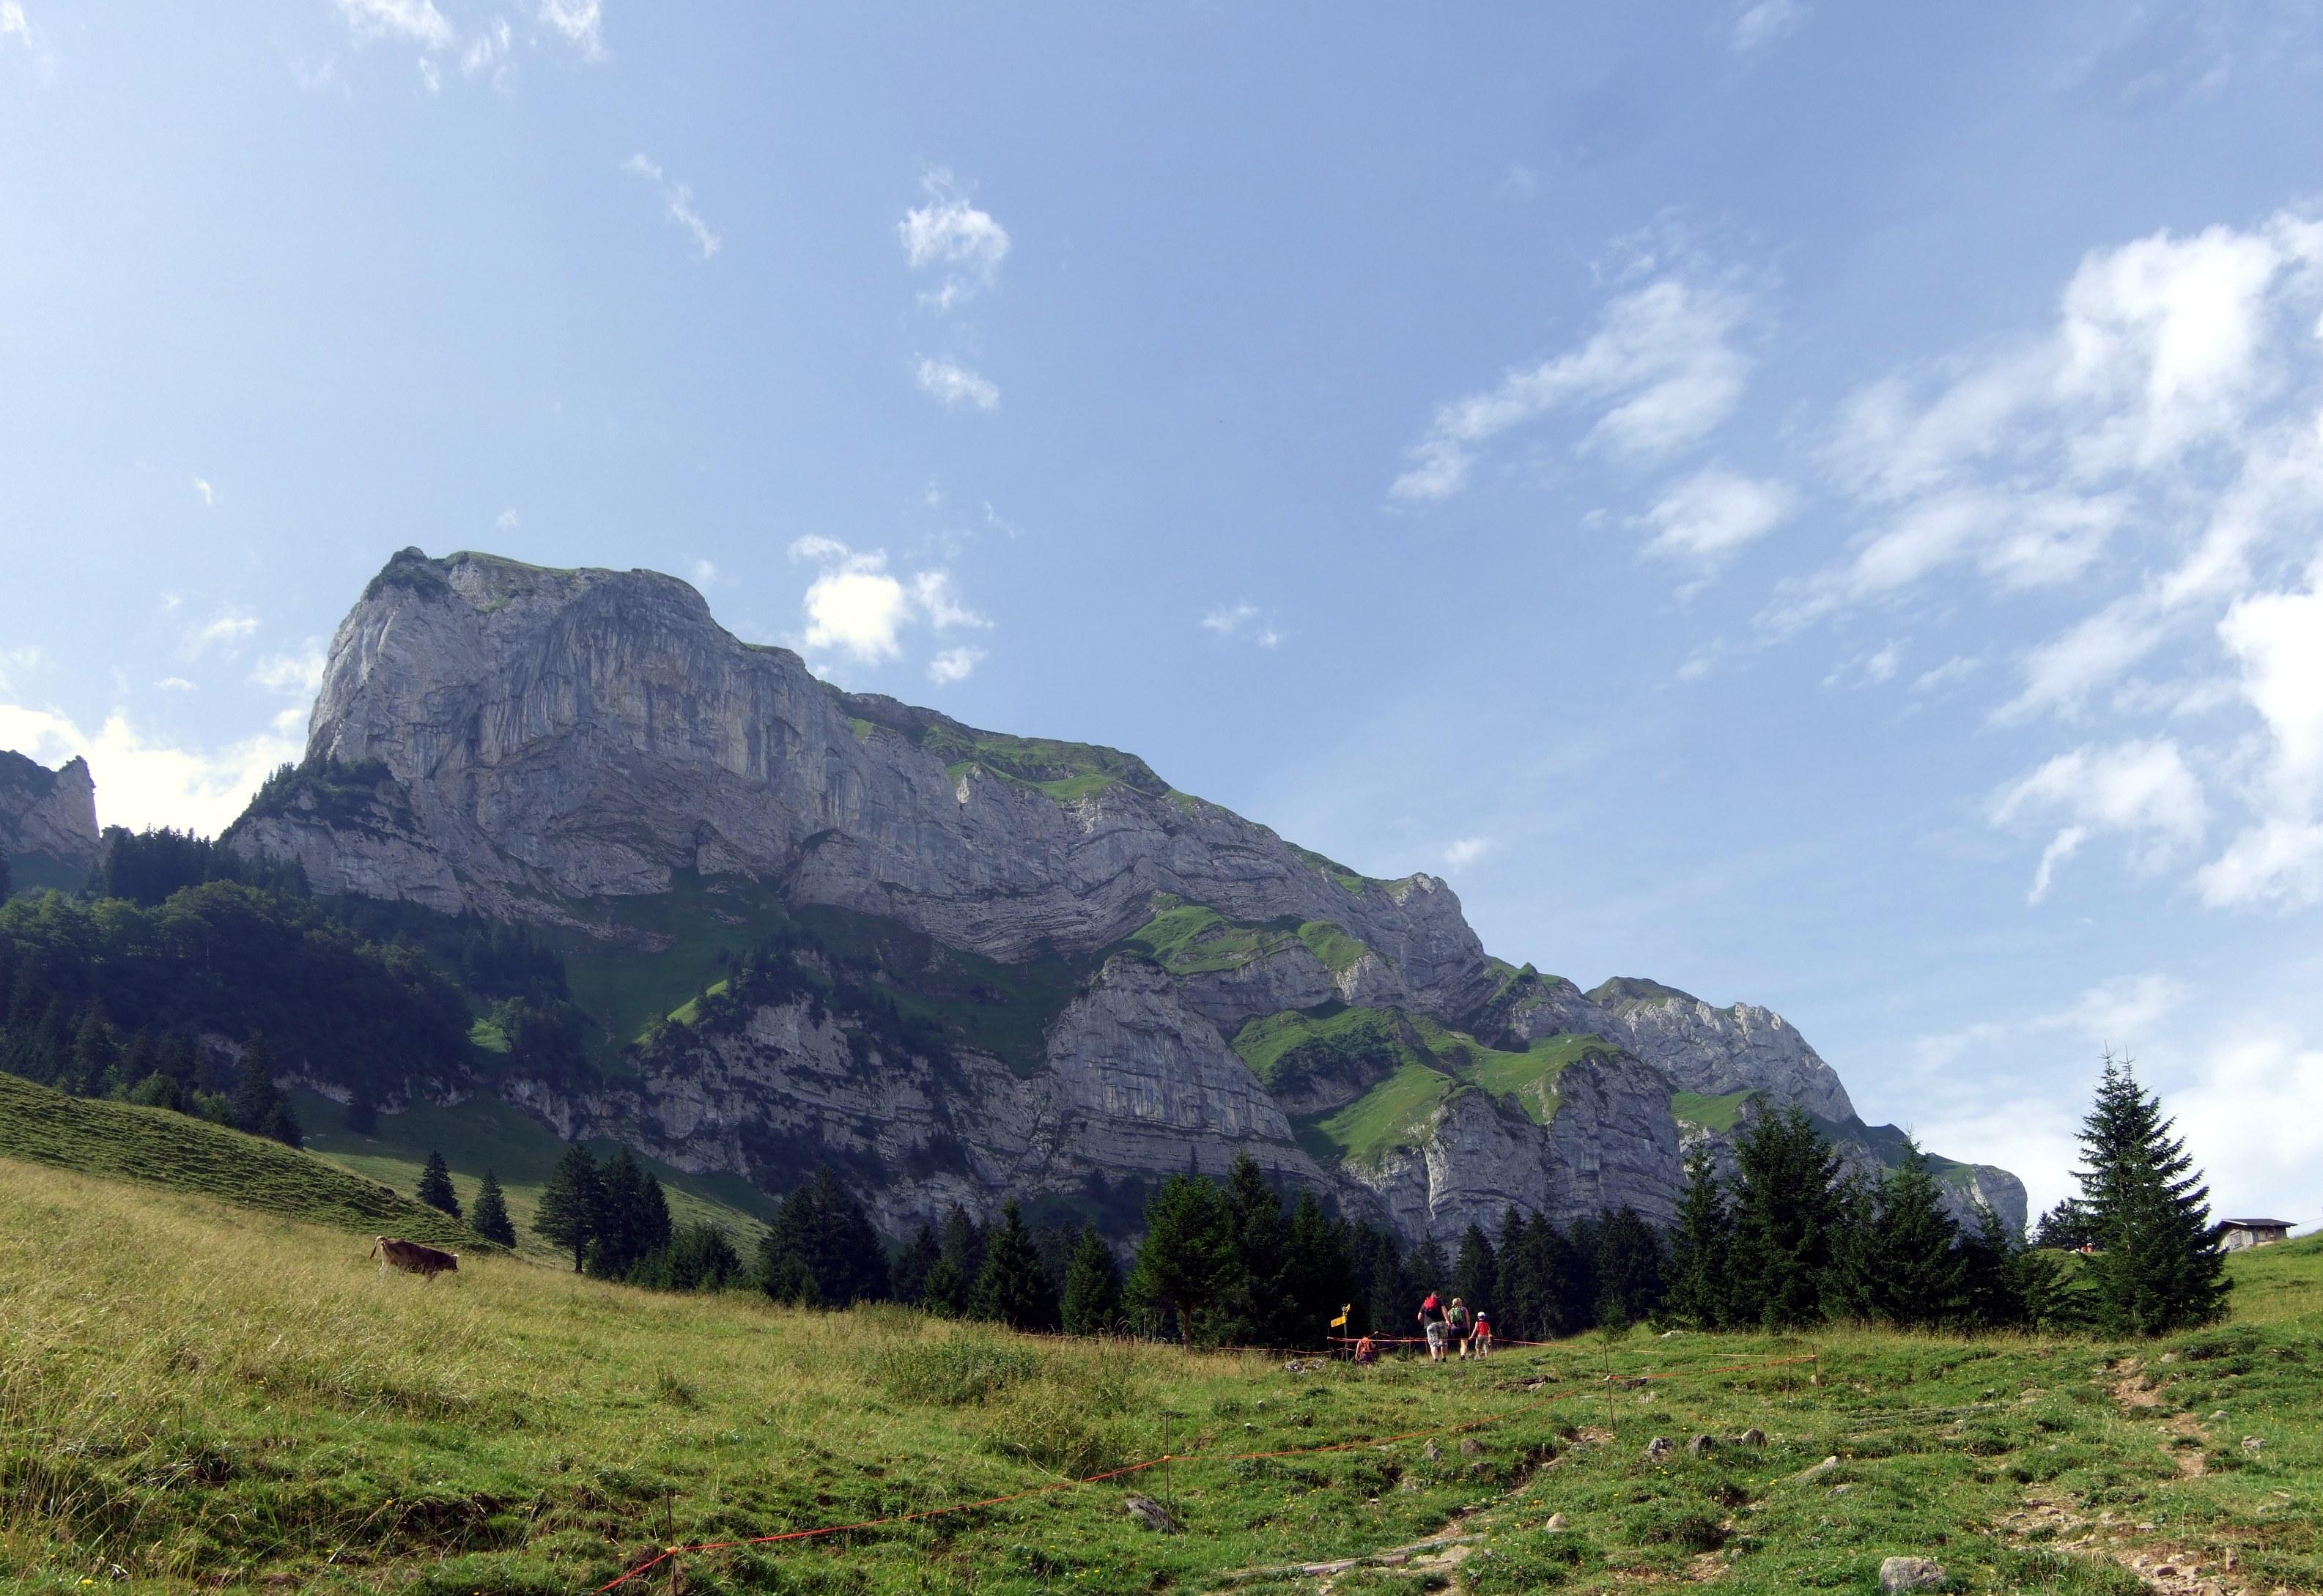 Eins der herumstehenden Gebirgsmassive. Könnte der Alpstein sein.